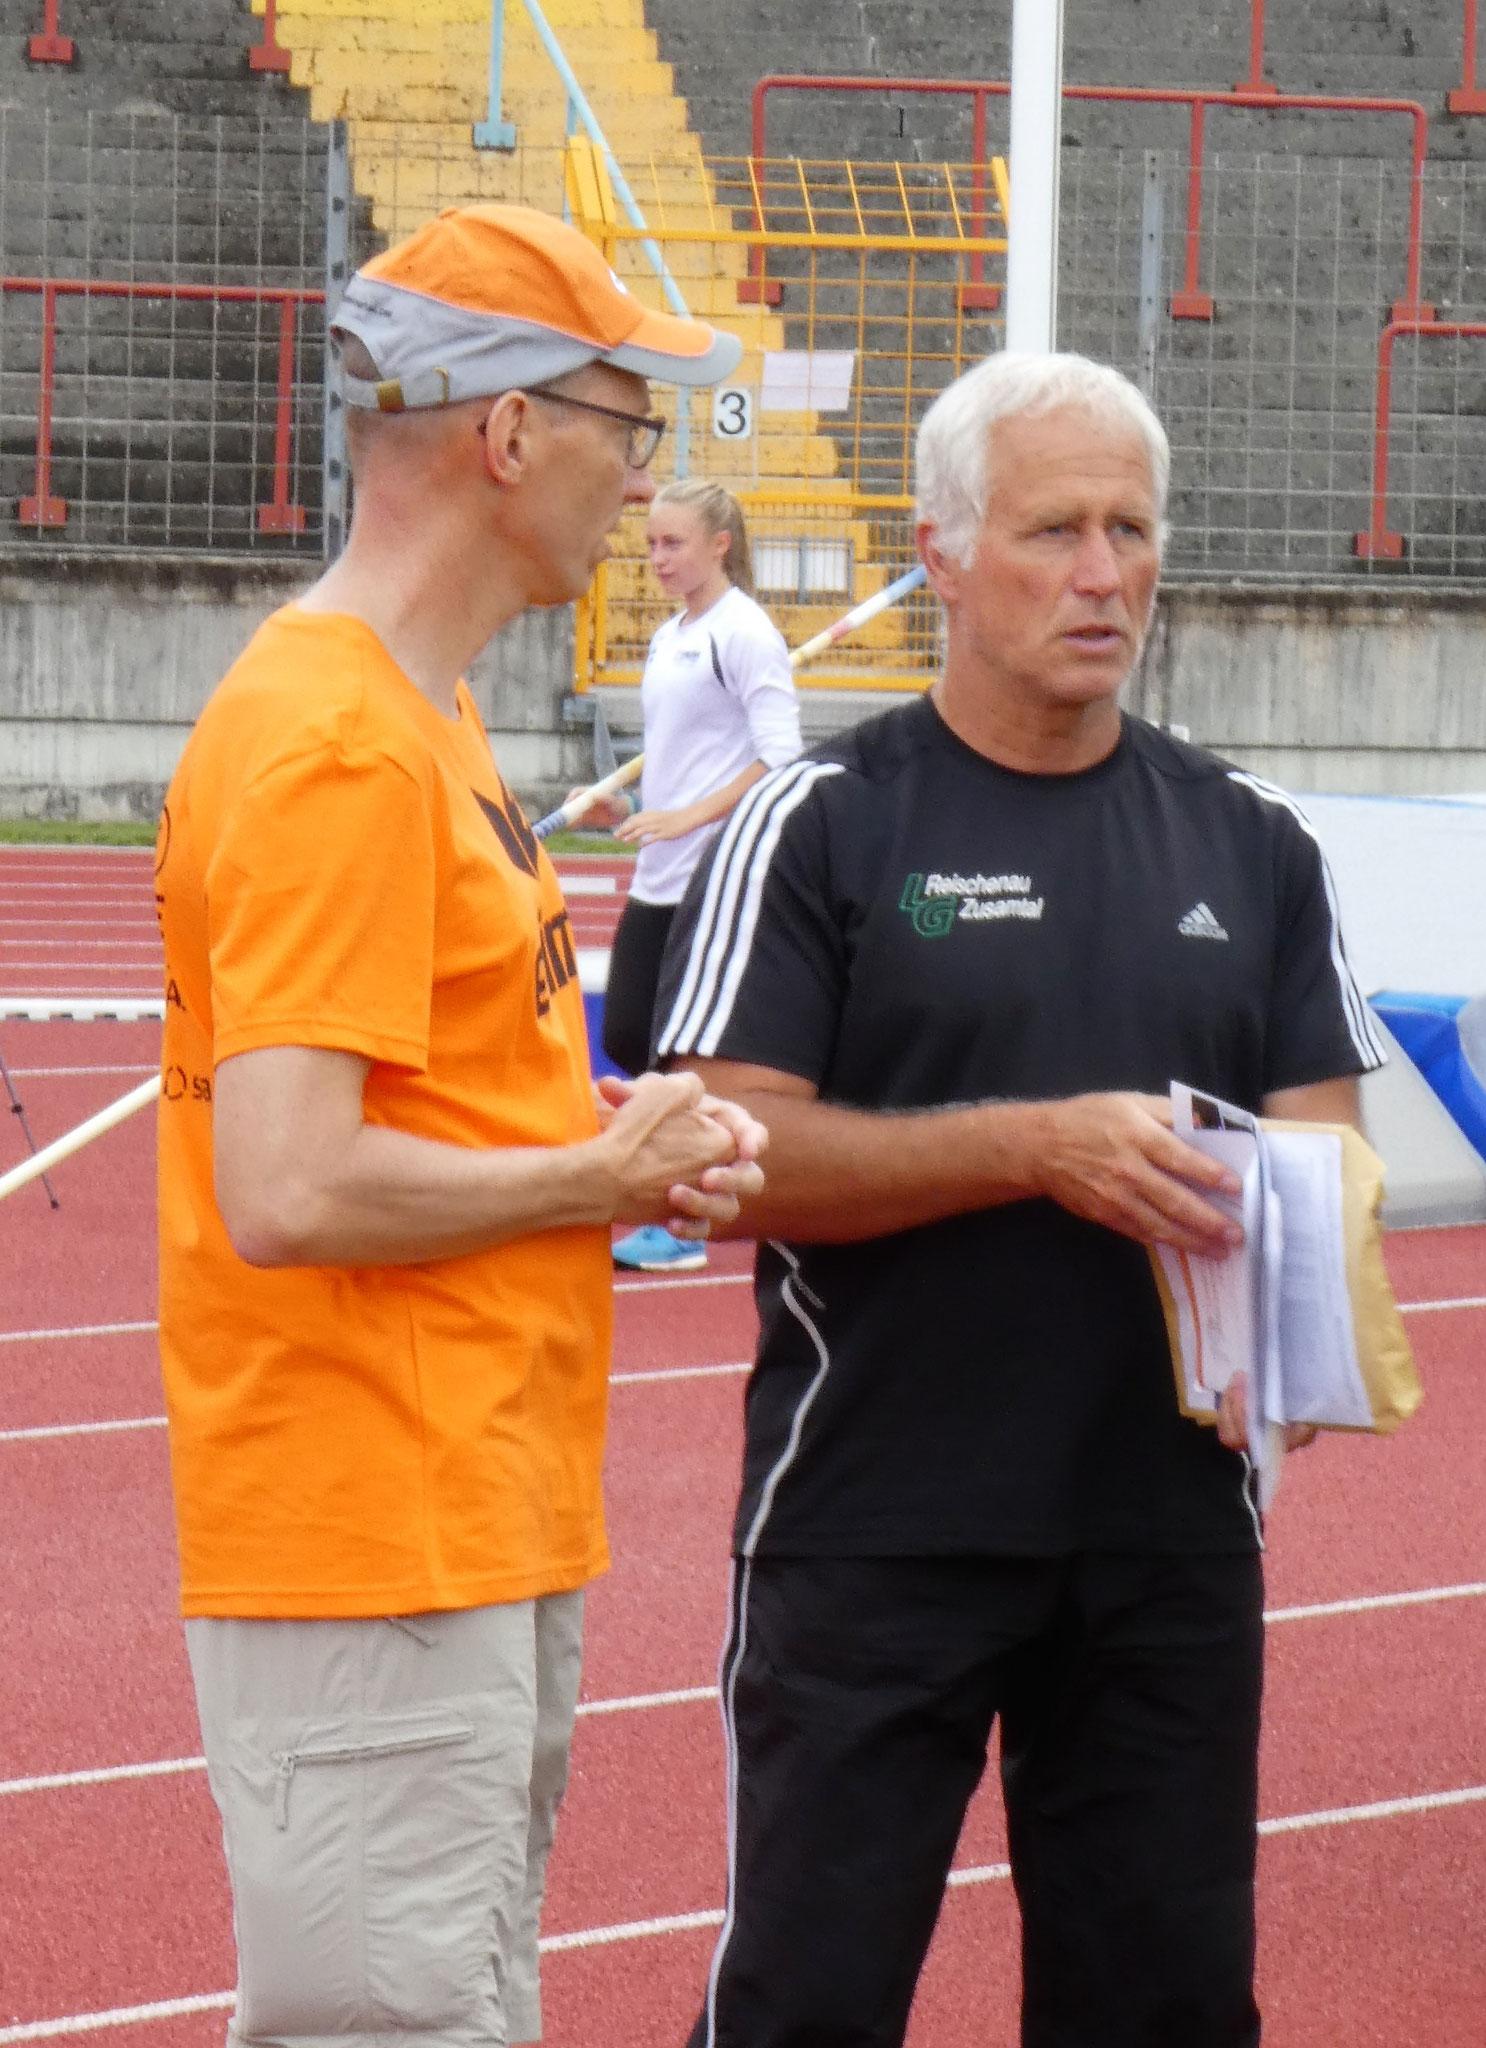 Jürgen Hinterstößer erörtert die Stabhochsprungtechnik von Luise